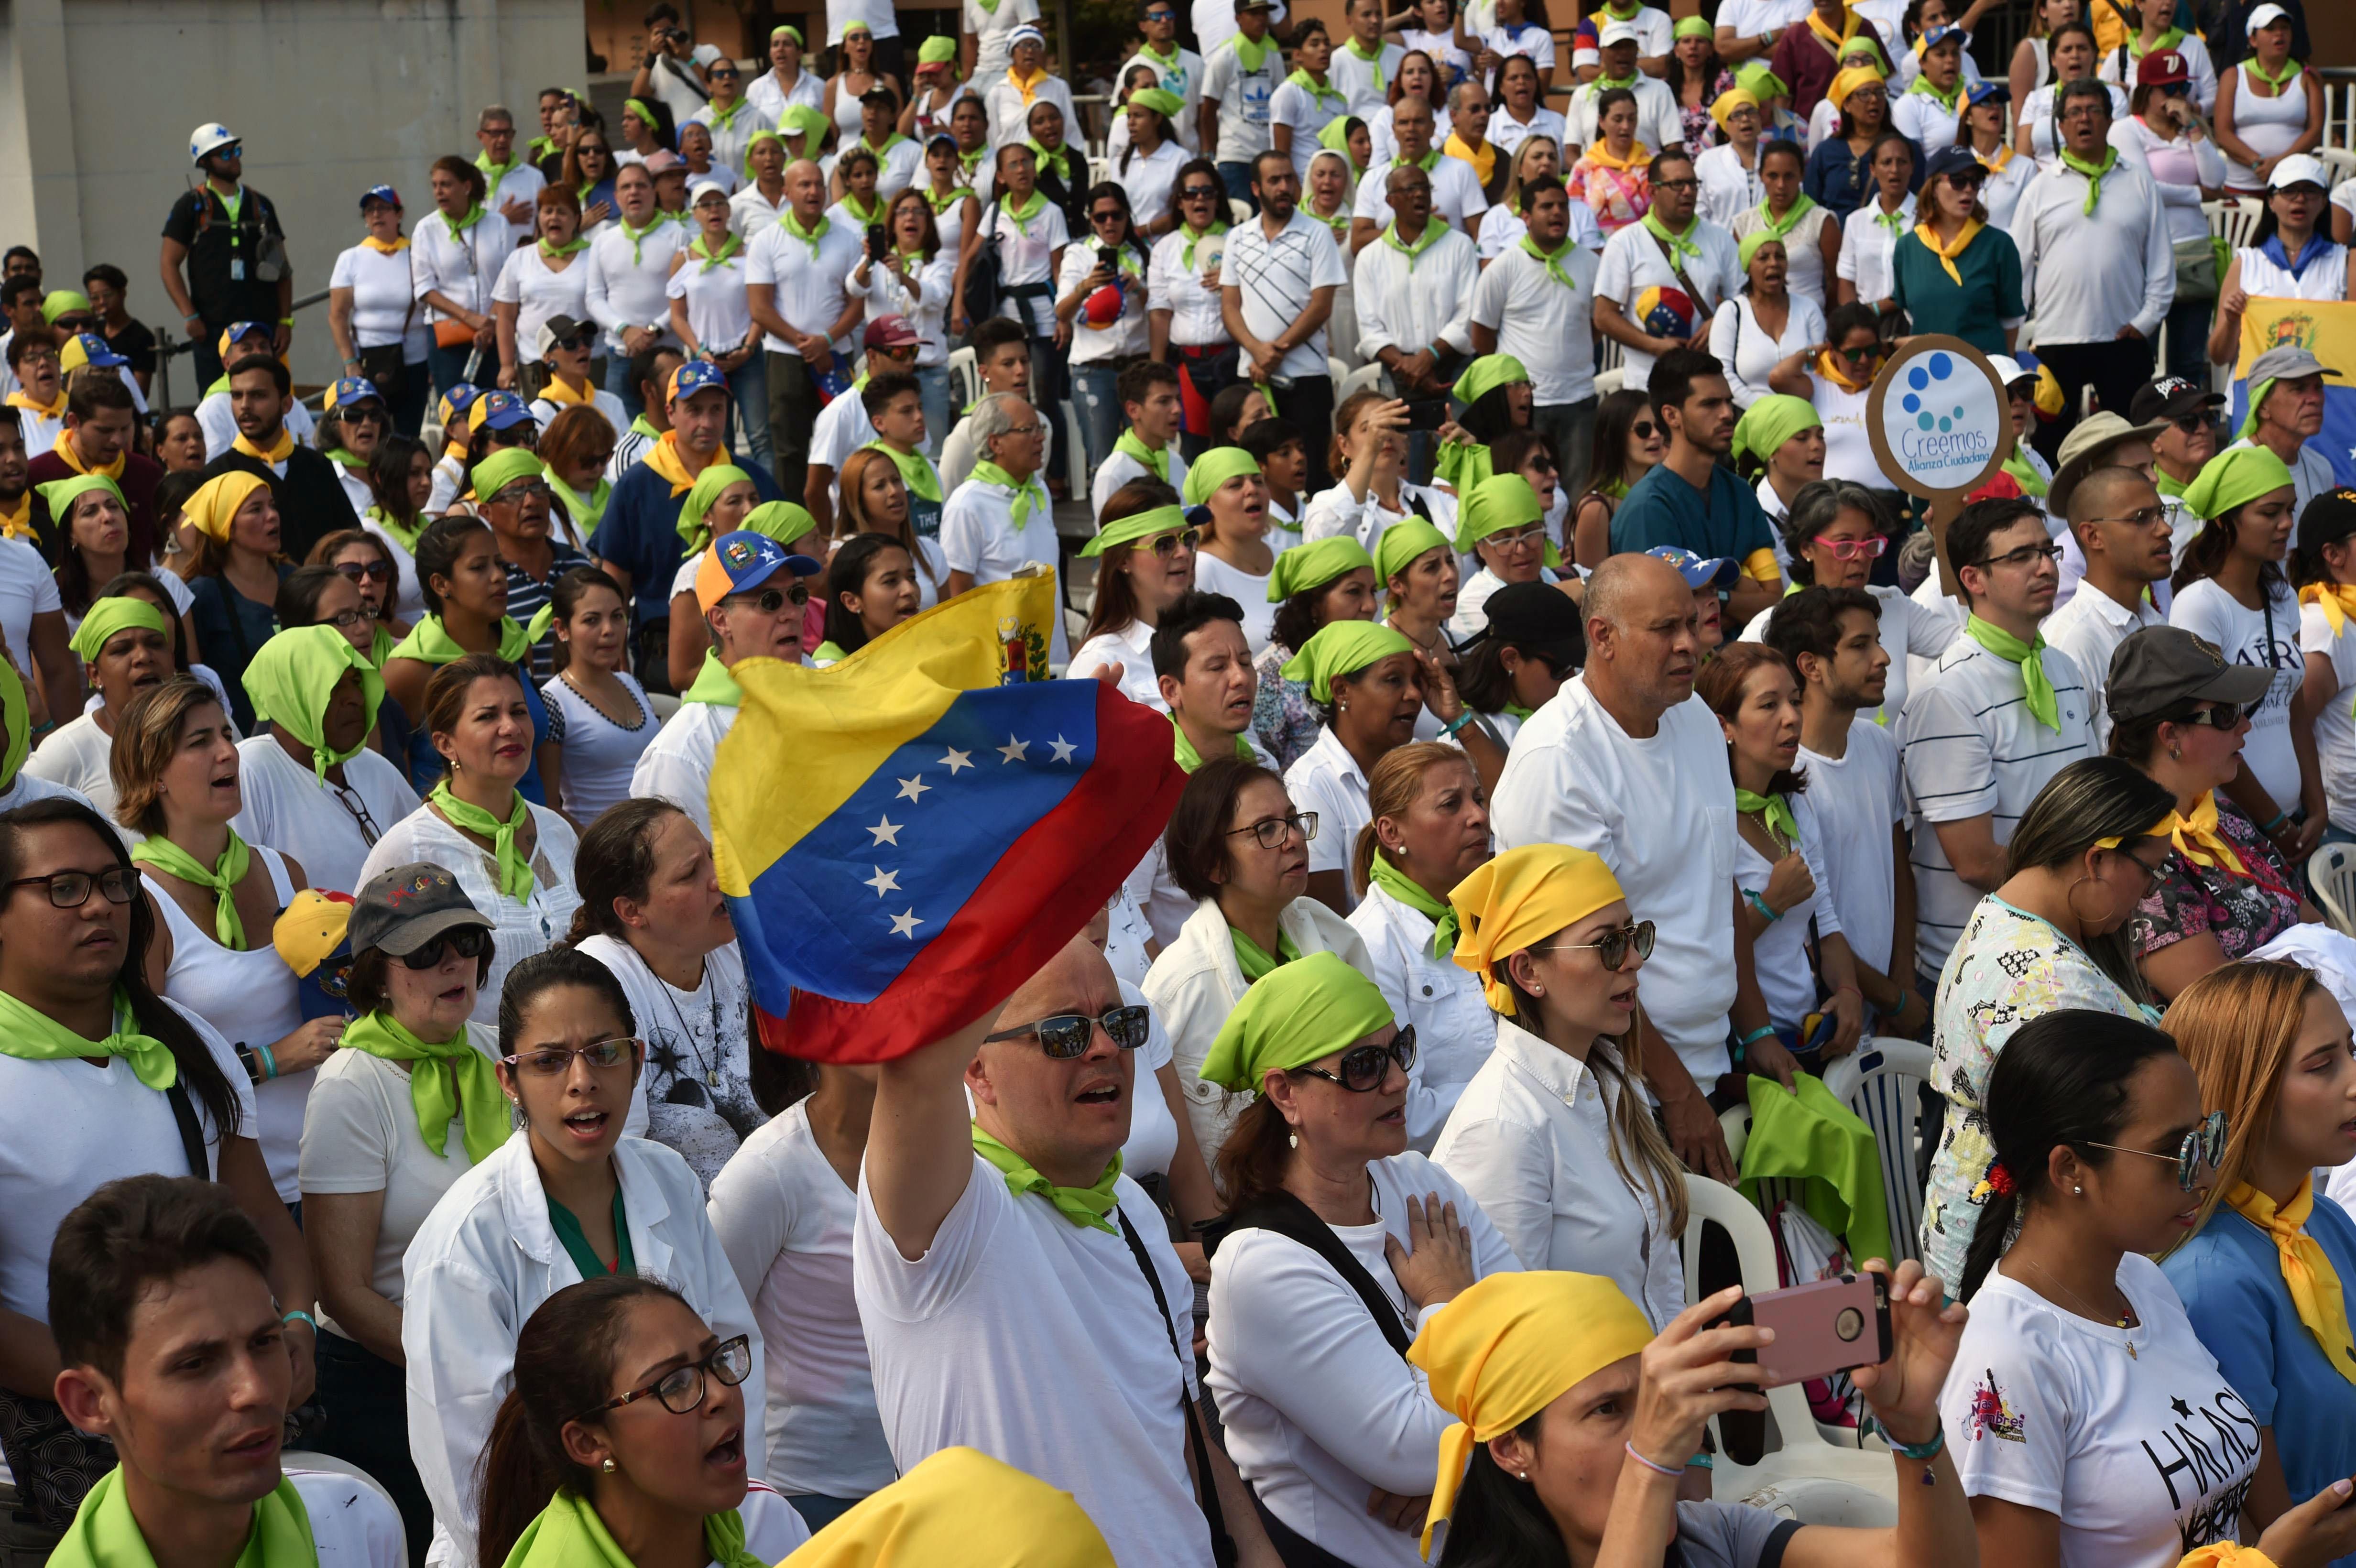 متطوعون يلبون دعوة زعيم المعارضة الفنزويلي خوان غوايدو للمساعدة في توزيع الإغاثة على المحتاجين في فنزويلا